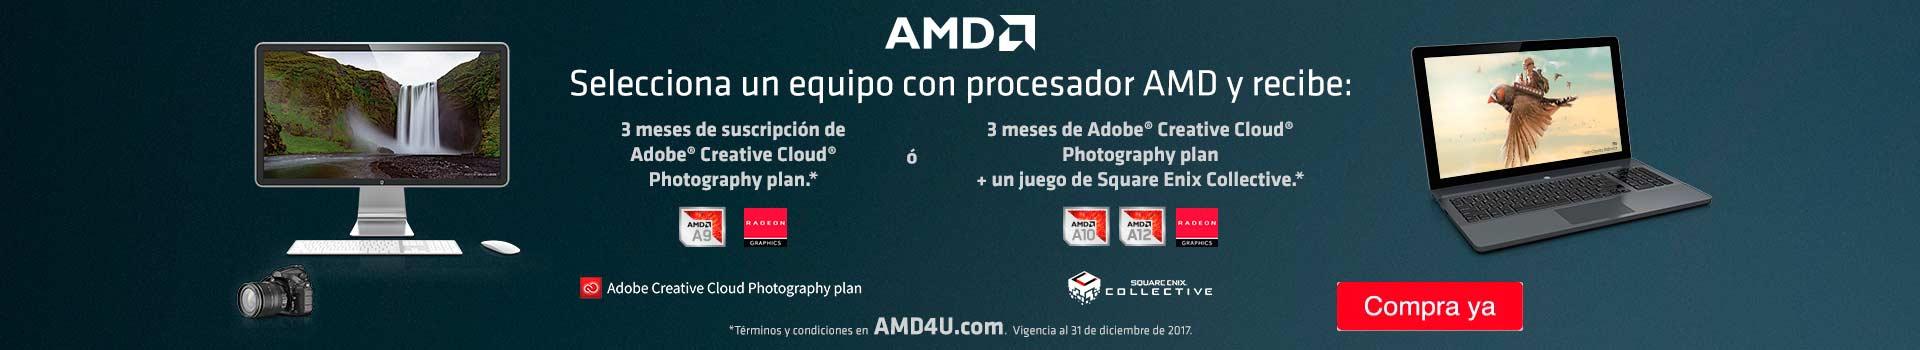 EXP AMD AK-KT- CAT-5-computadores-Pauta AMD-cat-septiembre25-29